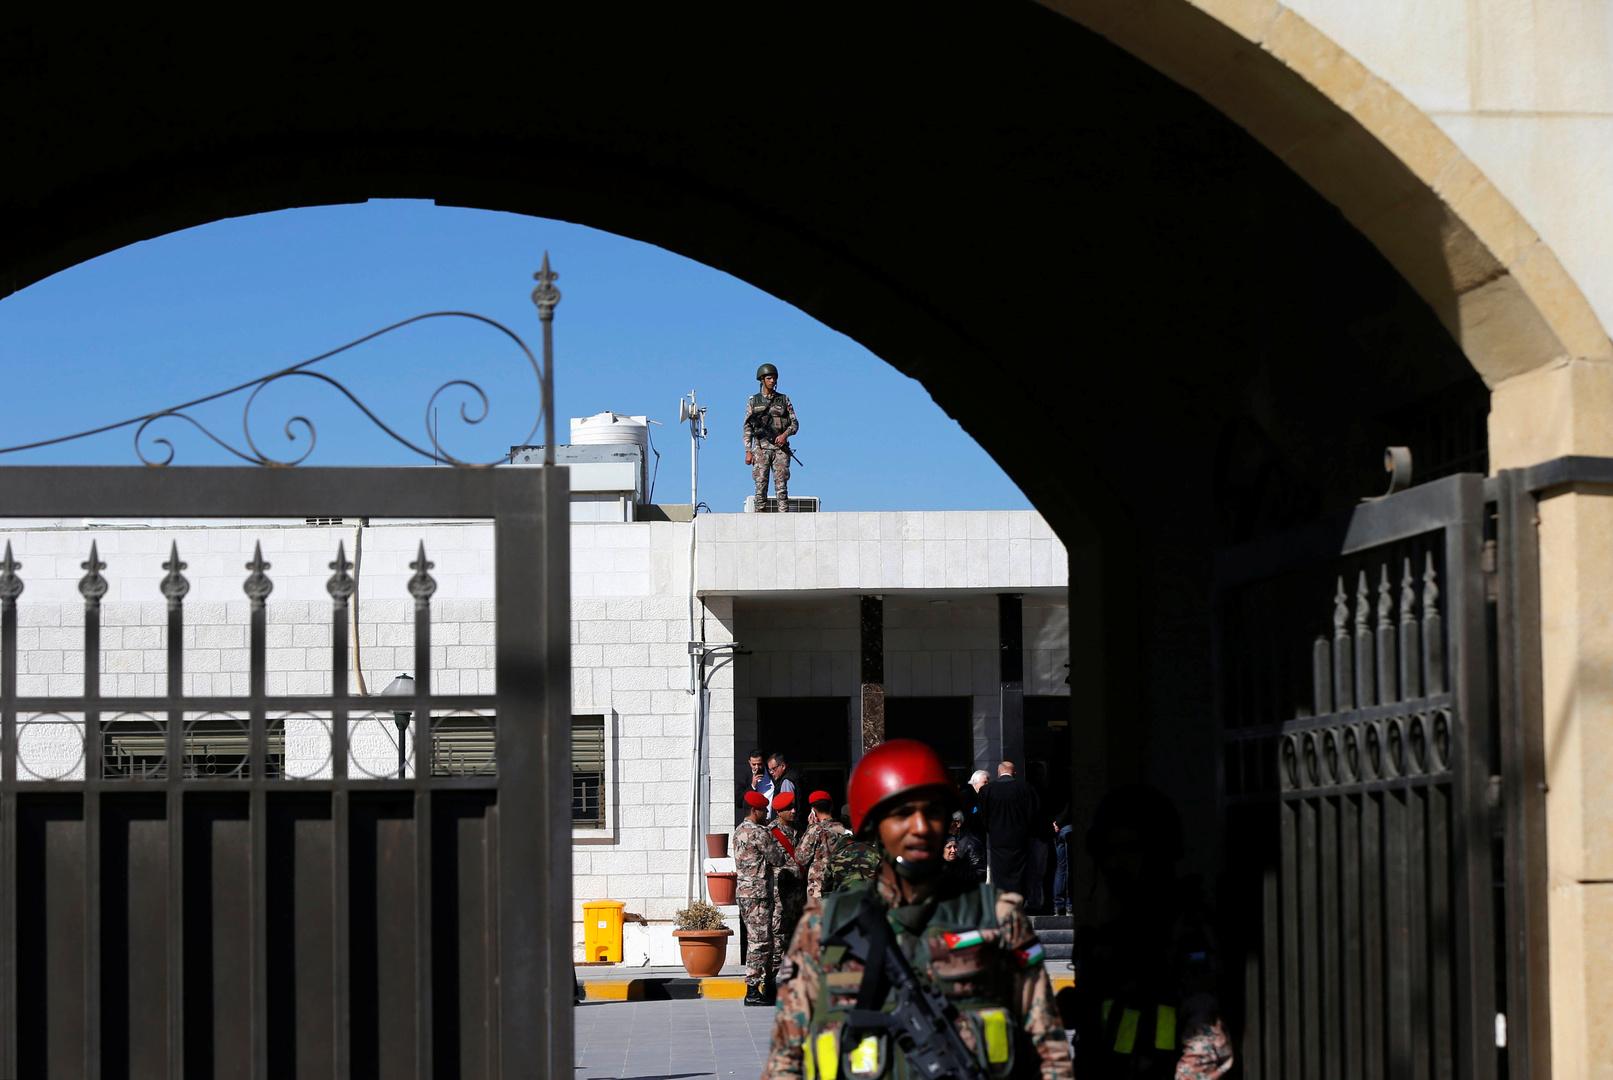 محكمة التمييز في الأردن ترفض الطعن وتؤيدالاحكام الصادرةبحق المتهمين في قضية